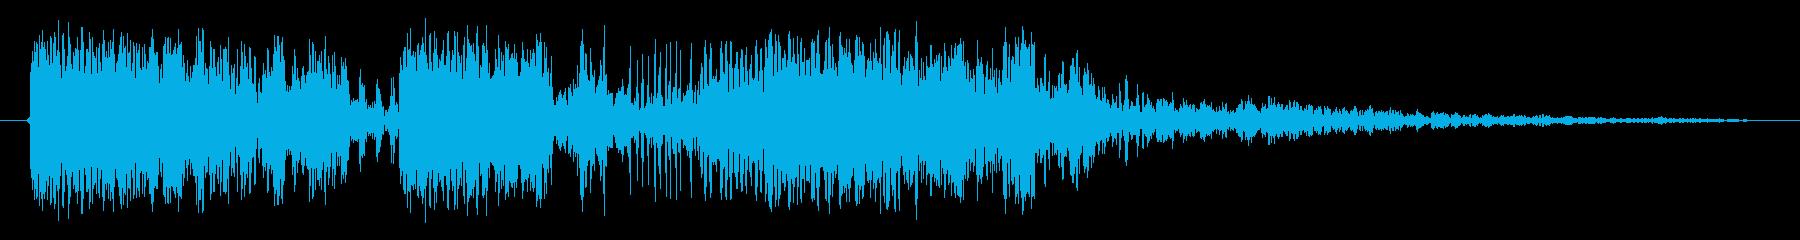 ドラマクイーン1の再生済みの波形